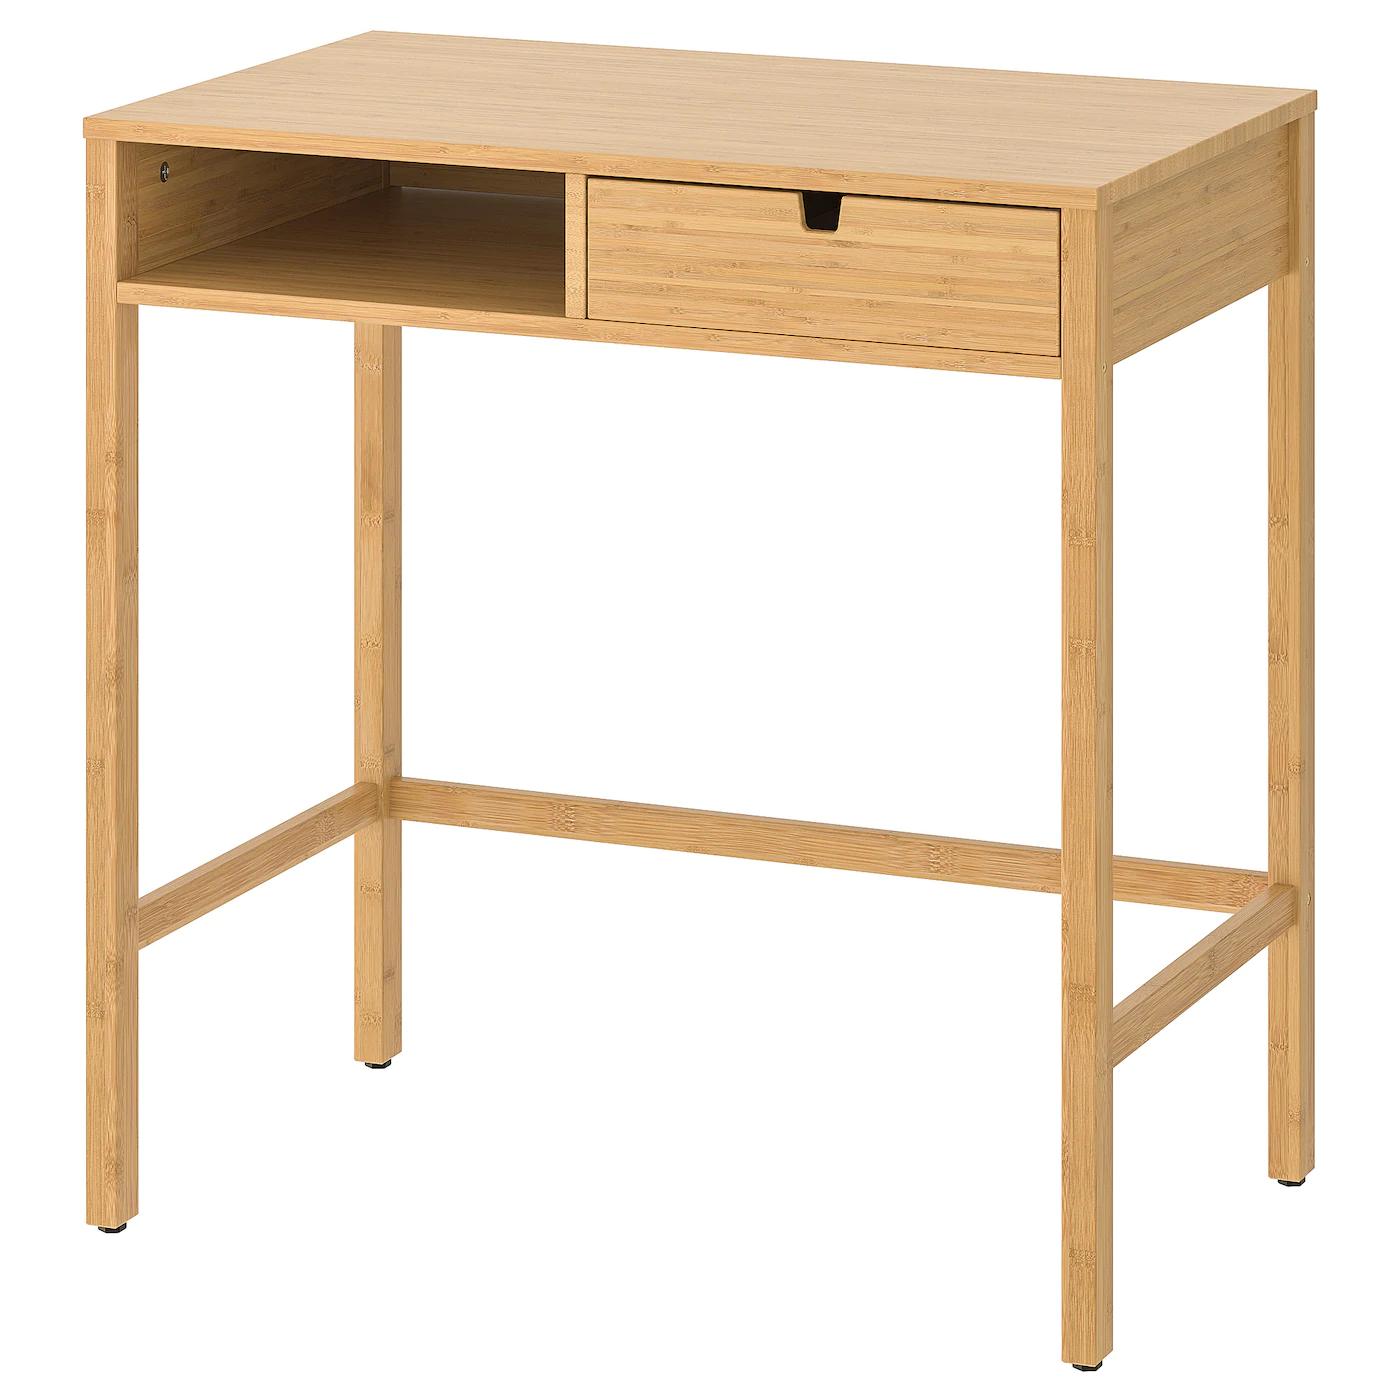 Bamboe toilettafel NORDKISA €99,95 @Ikea